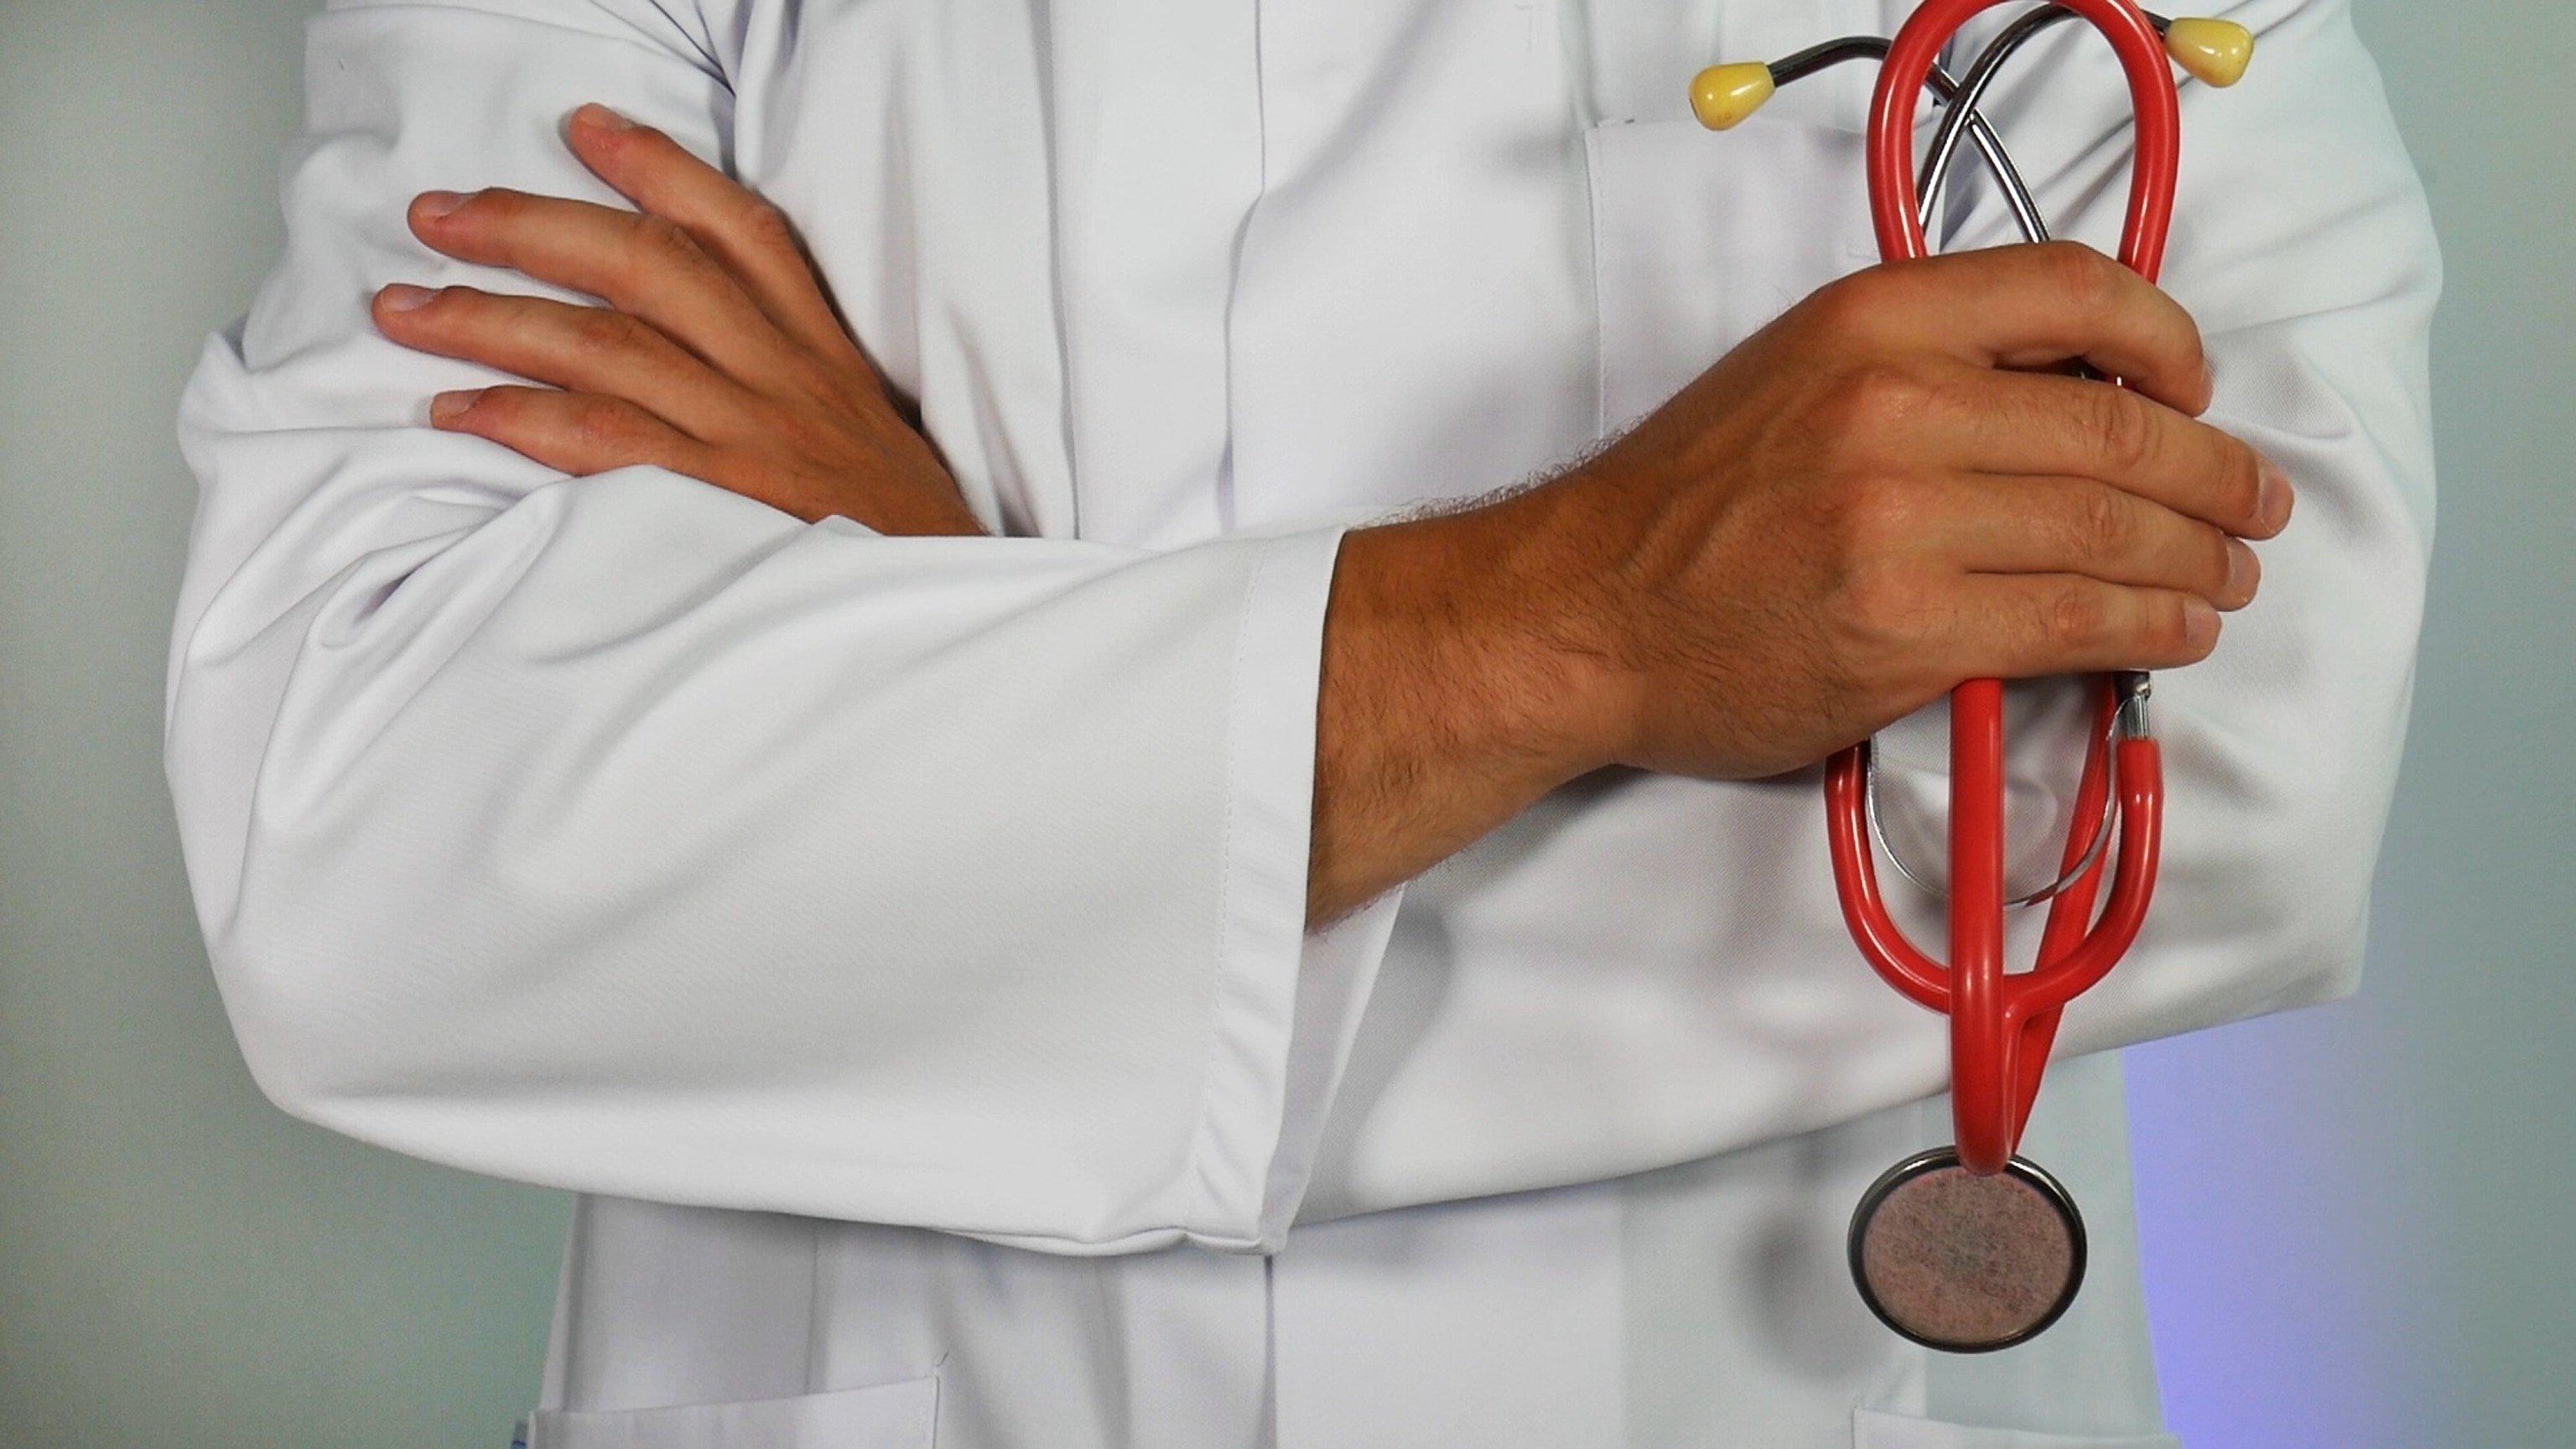 Un Docteur qui tient un stéthoscope   Source : Unsplash